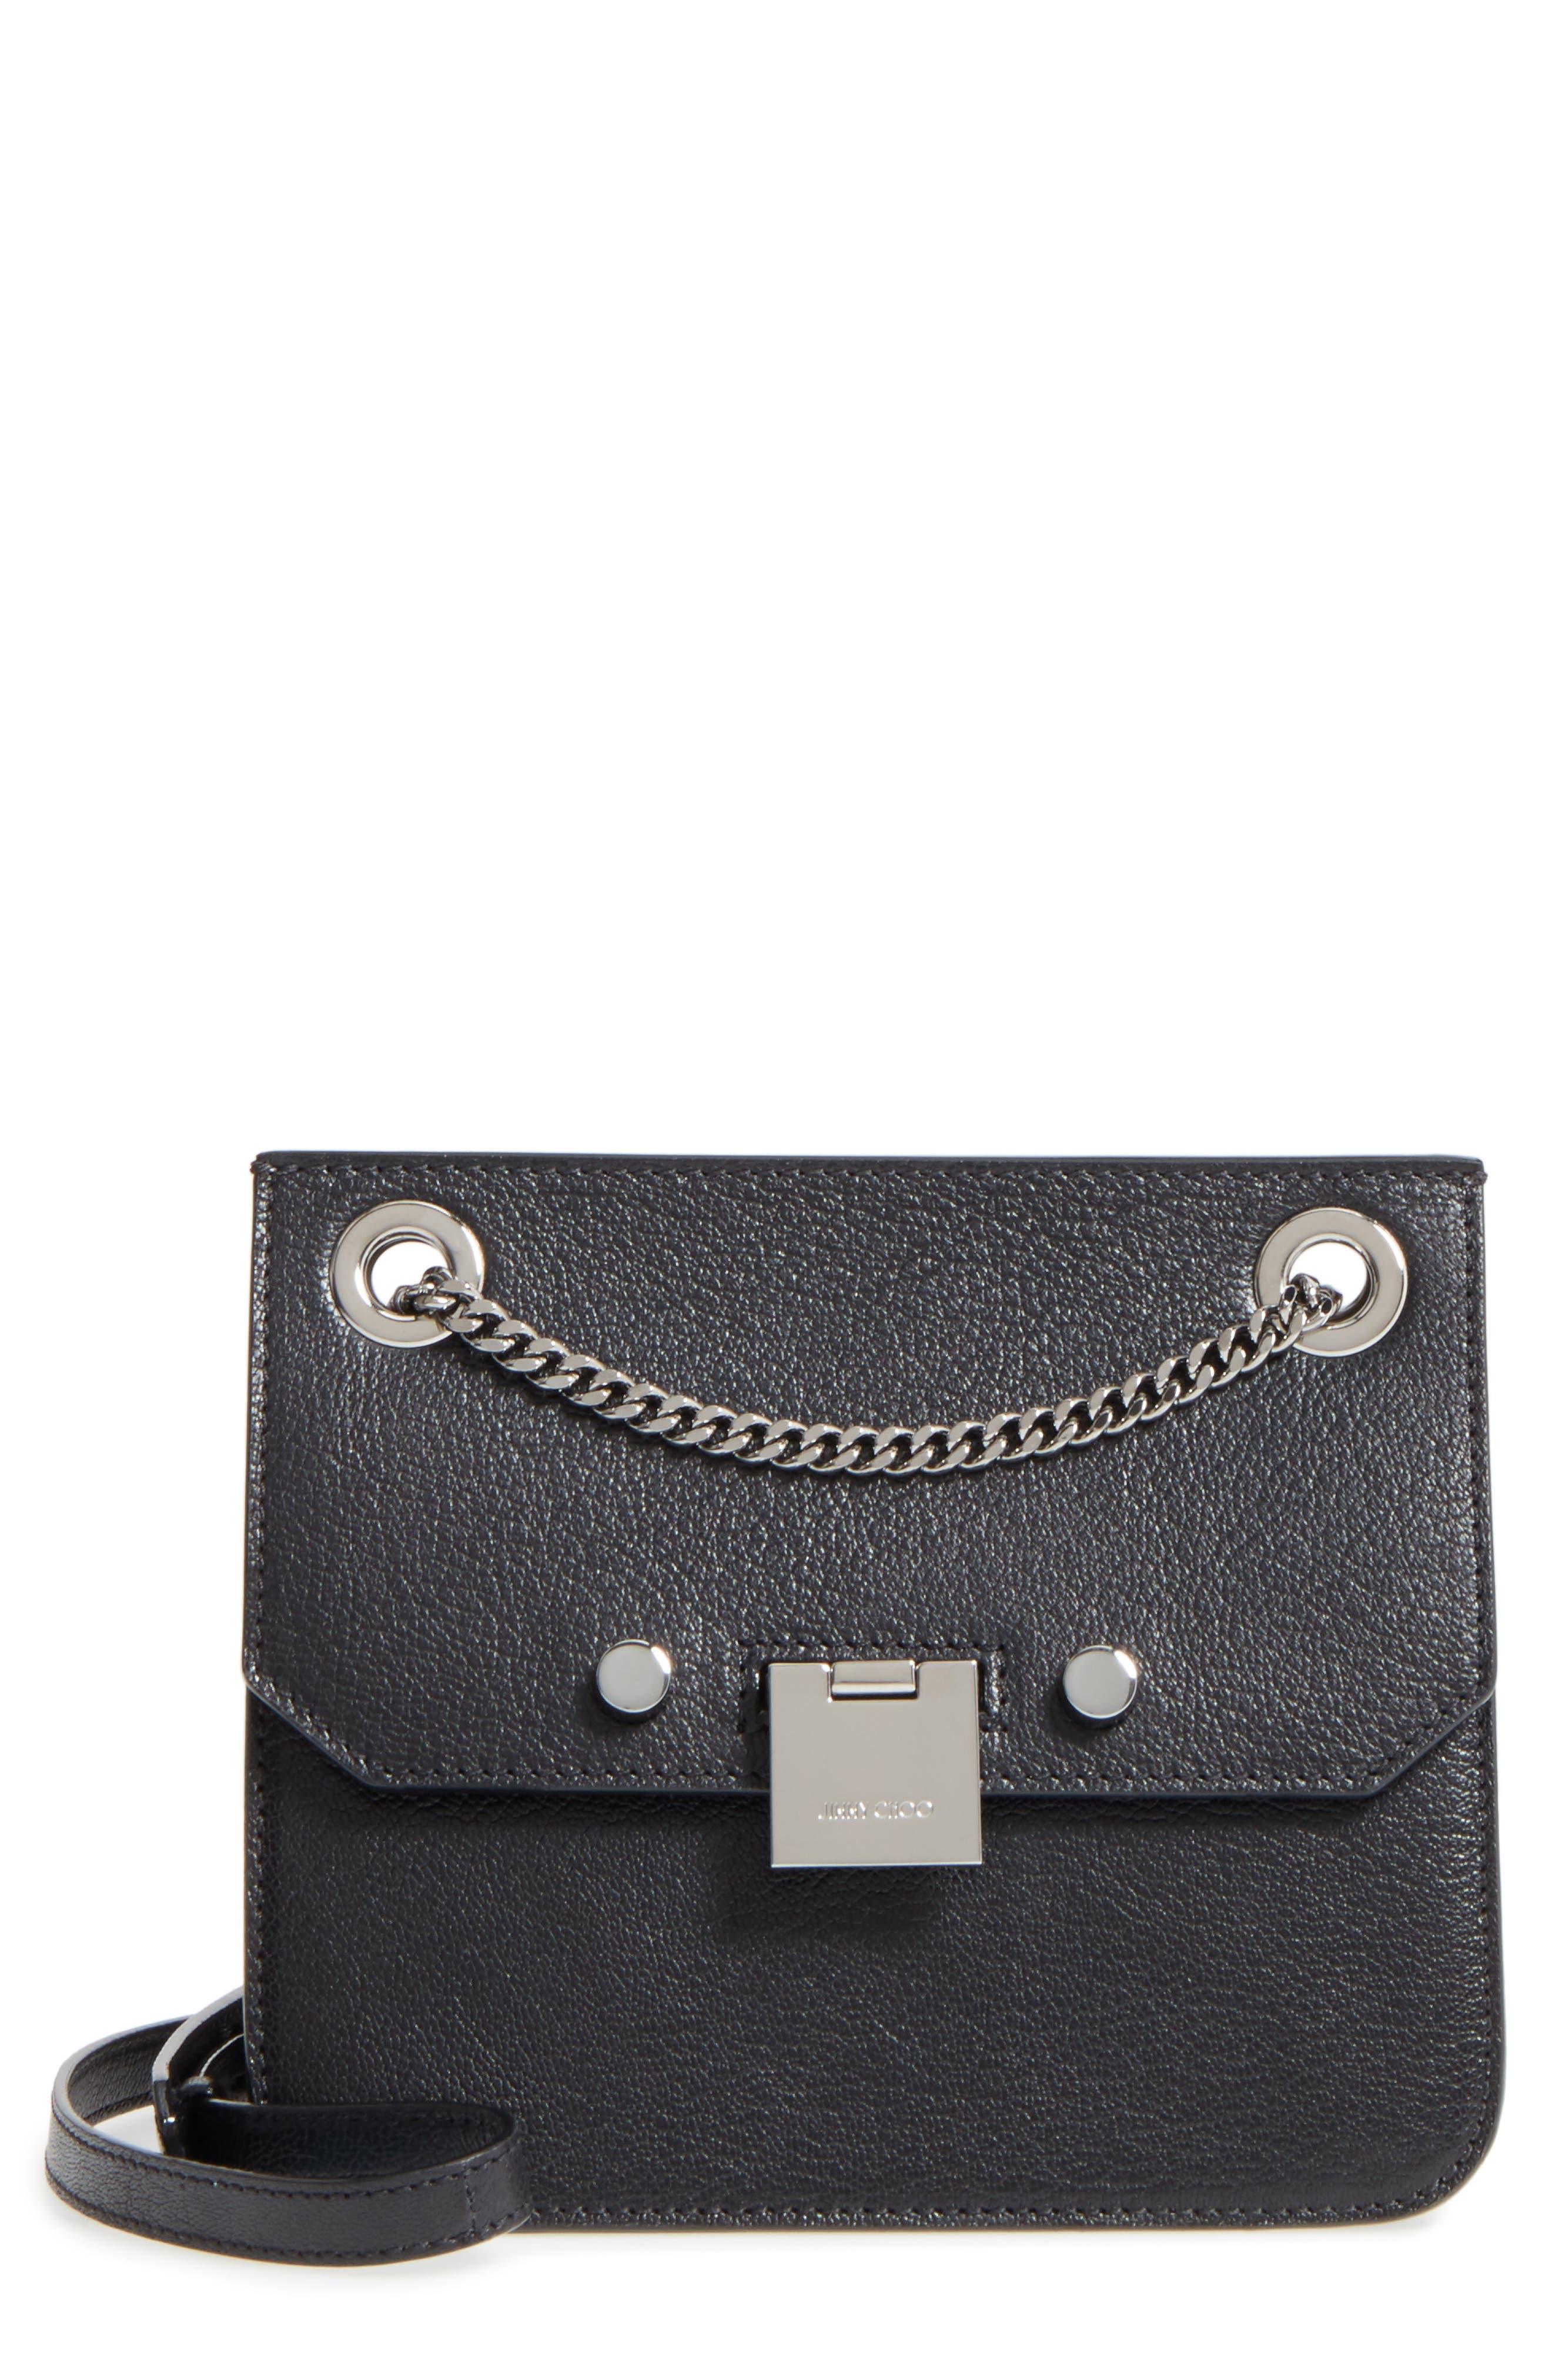 Rebel Leather Crossbody Bag,                         Main,                         color, BLACK/ GUNMETAL